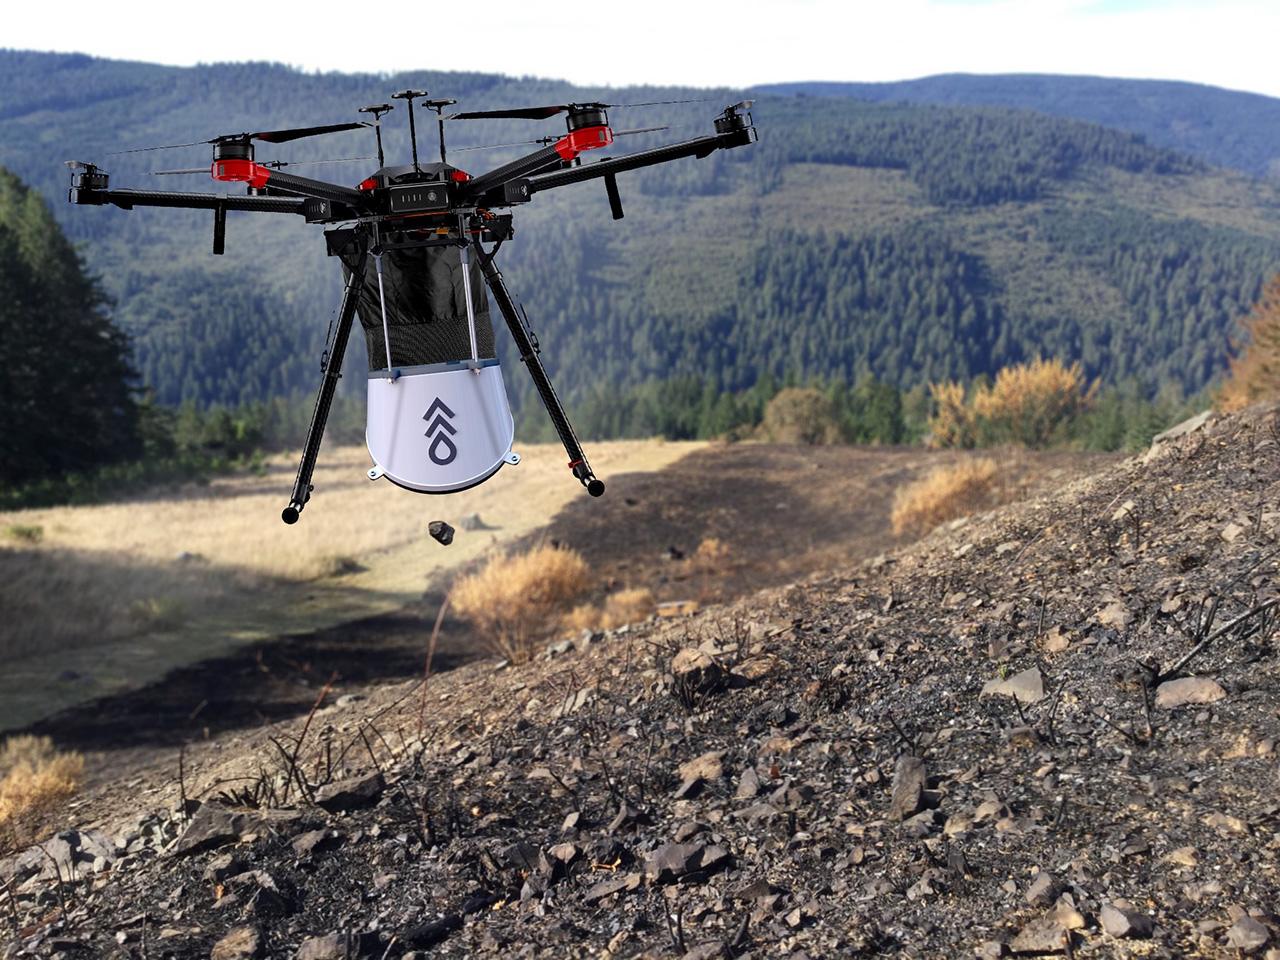 Estos drones son el 'arma secreta' contra la deforestación del planeta